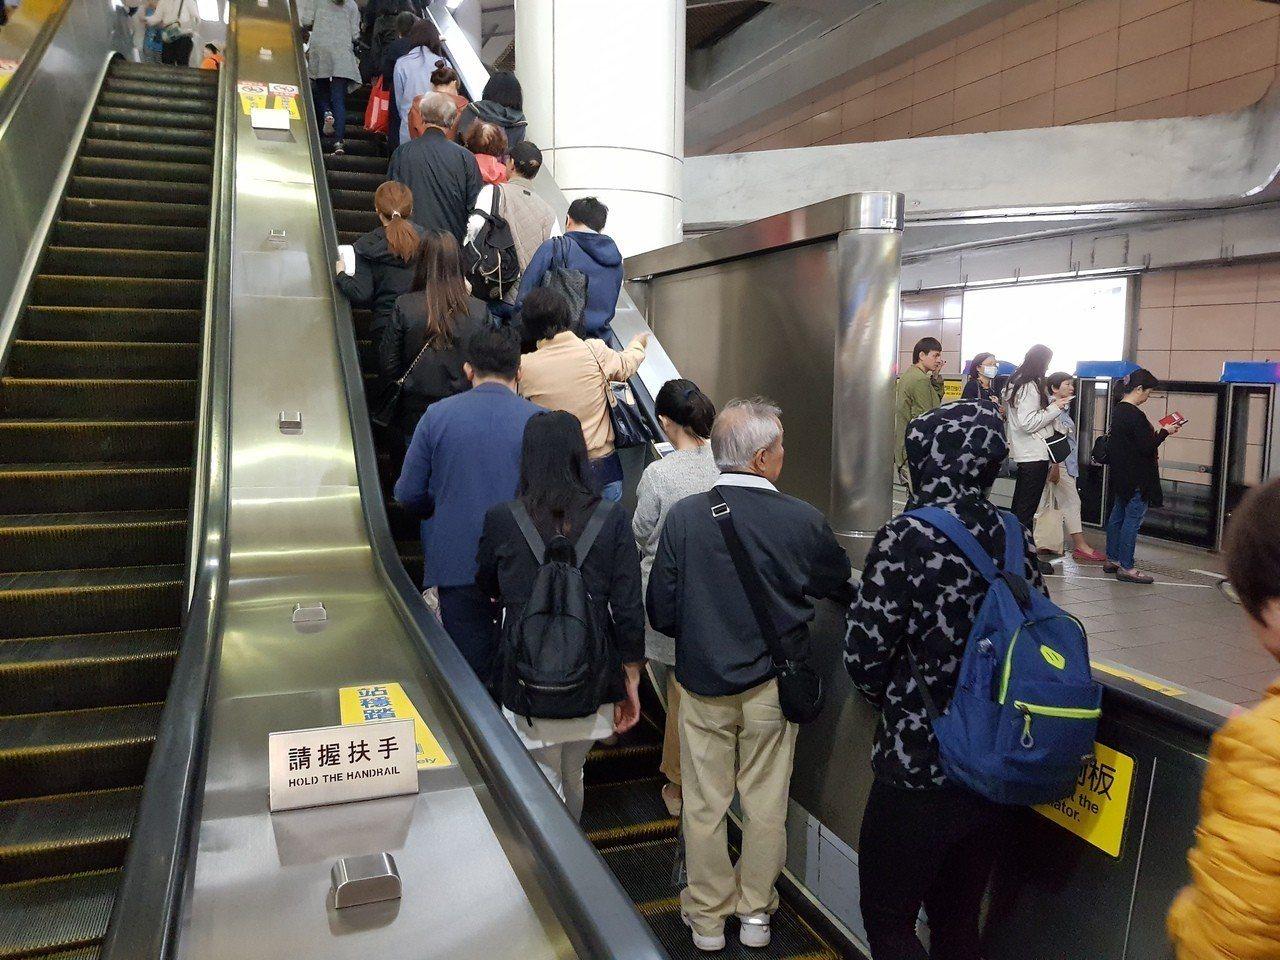 台北捷運發生旅客在電扶梯上推擠跌倒的「掀頭皮事件」,宣導口號就改為「緊握扶手,站...